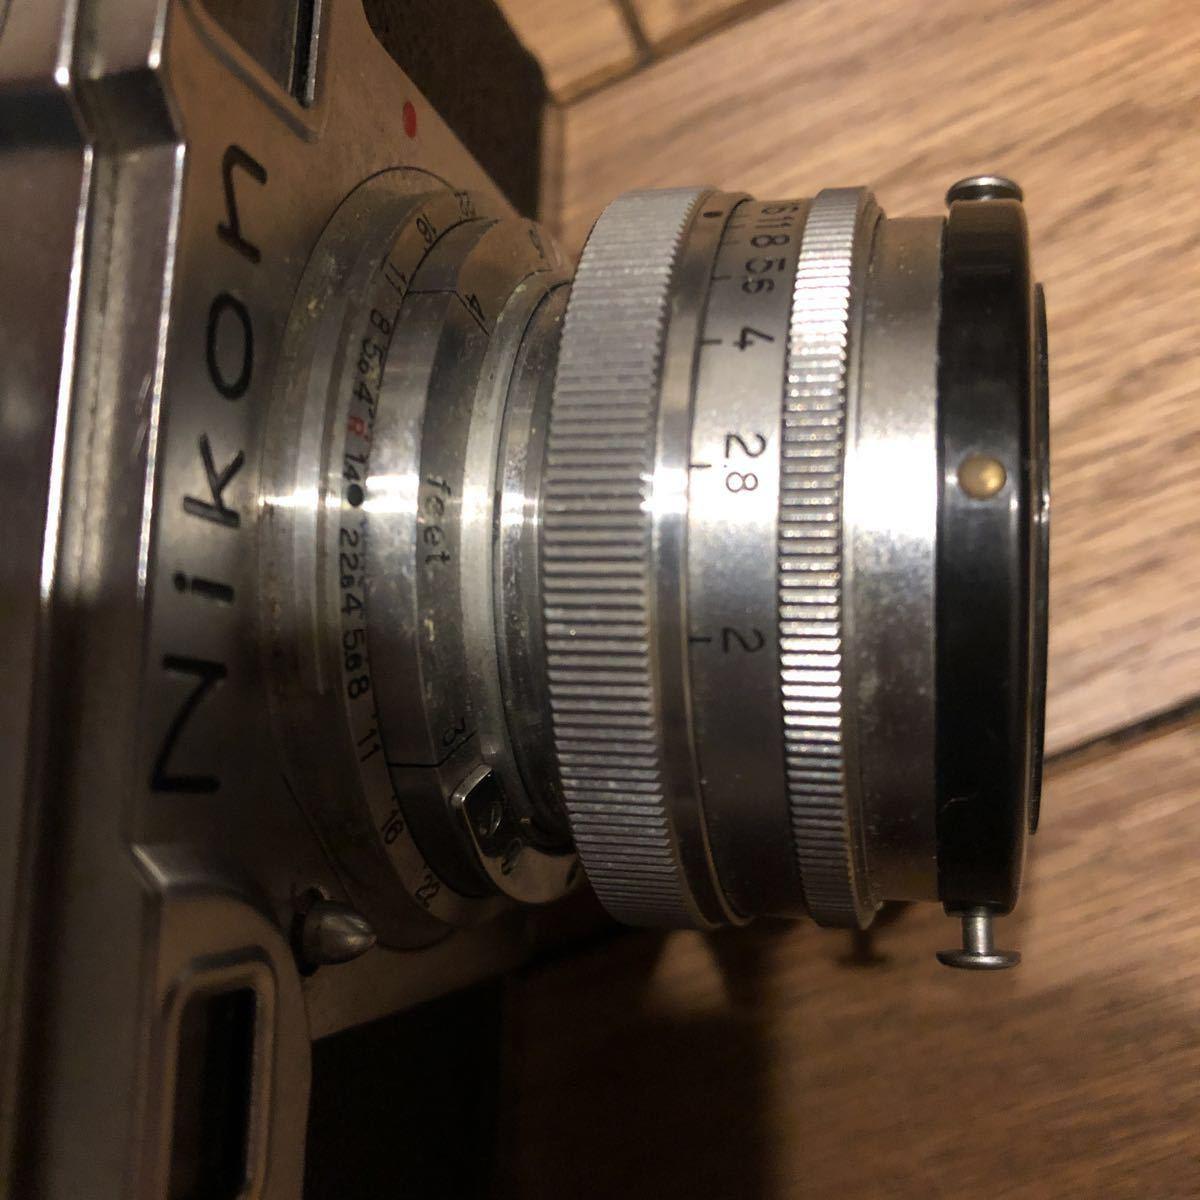 希少 NIPPON KOGAKU Nikon フィルムカメラ ヴィンテージ シャッター巻き上げ動作確認 中古 ジャンク_画像8